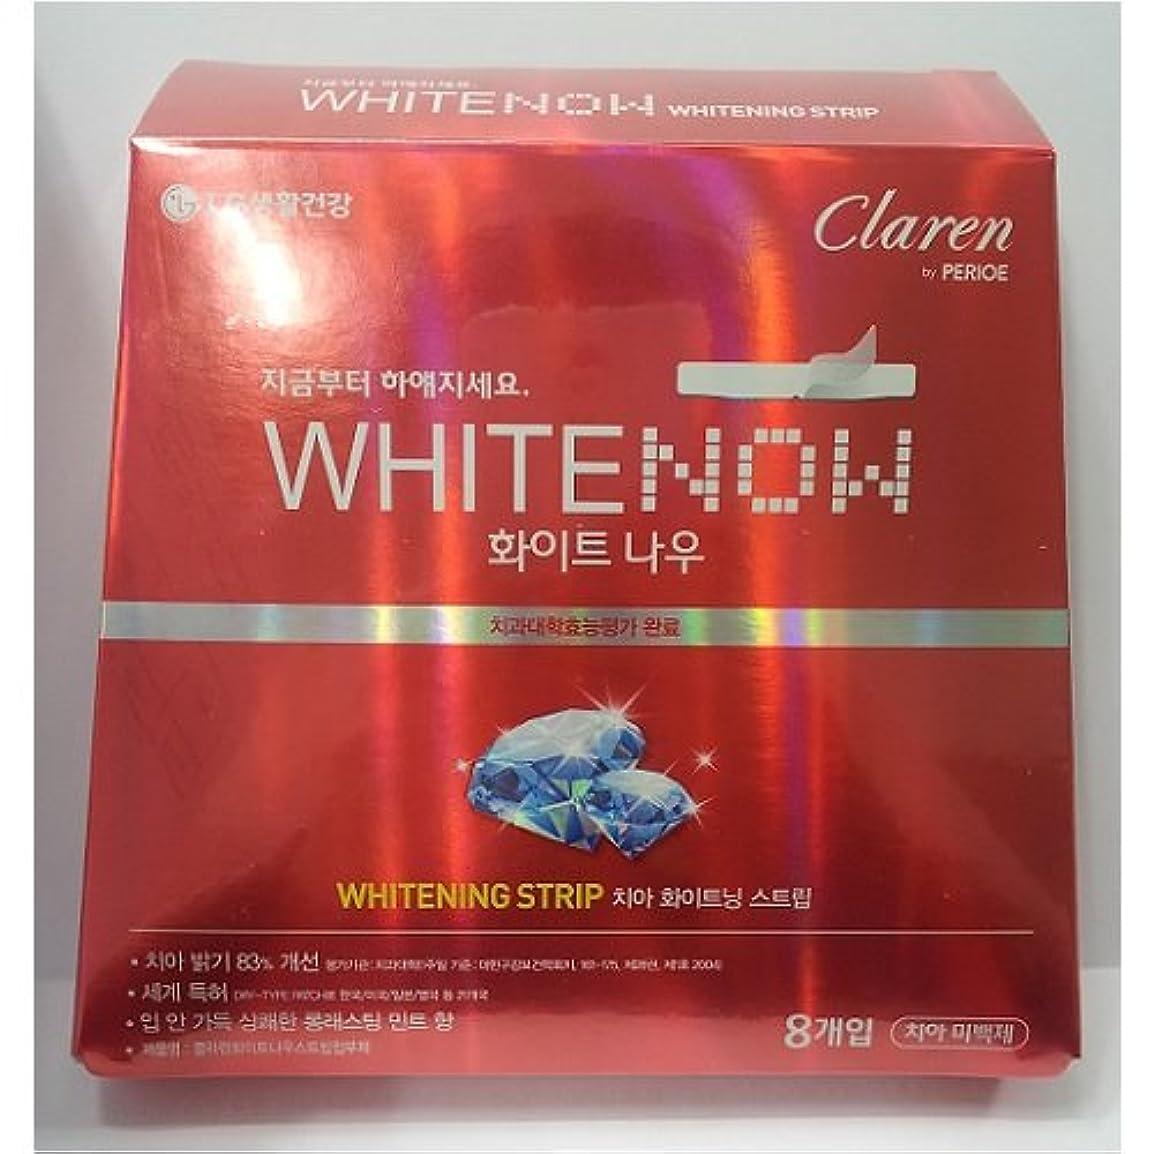 瞳シロナガスクジラかもめLG生活健康 [LG Care] ホワイトナウ ホワイトニン.グ ストリップ(8枚入り) / White Now Whitening Strip ★歯ビハクステッカー★ [並行輸入品]